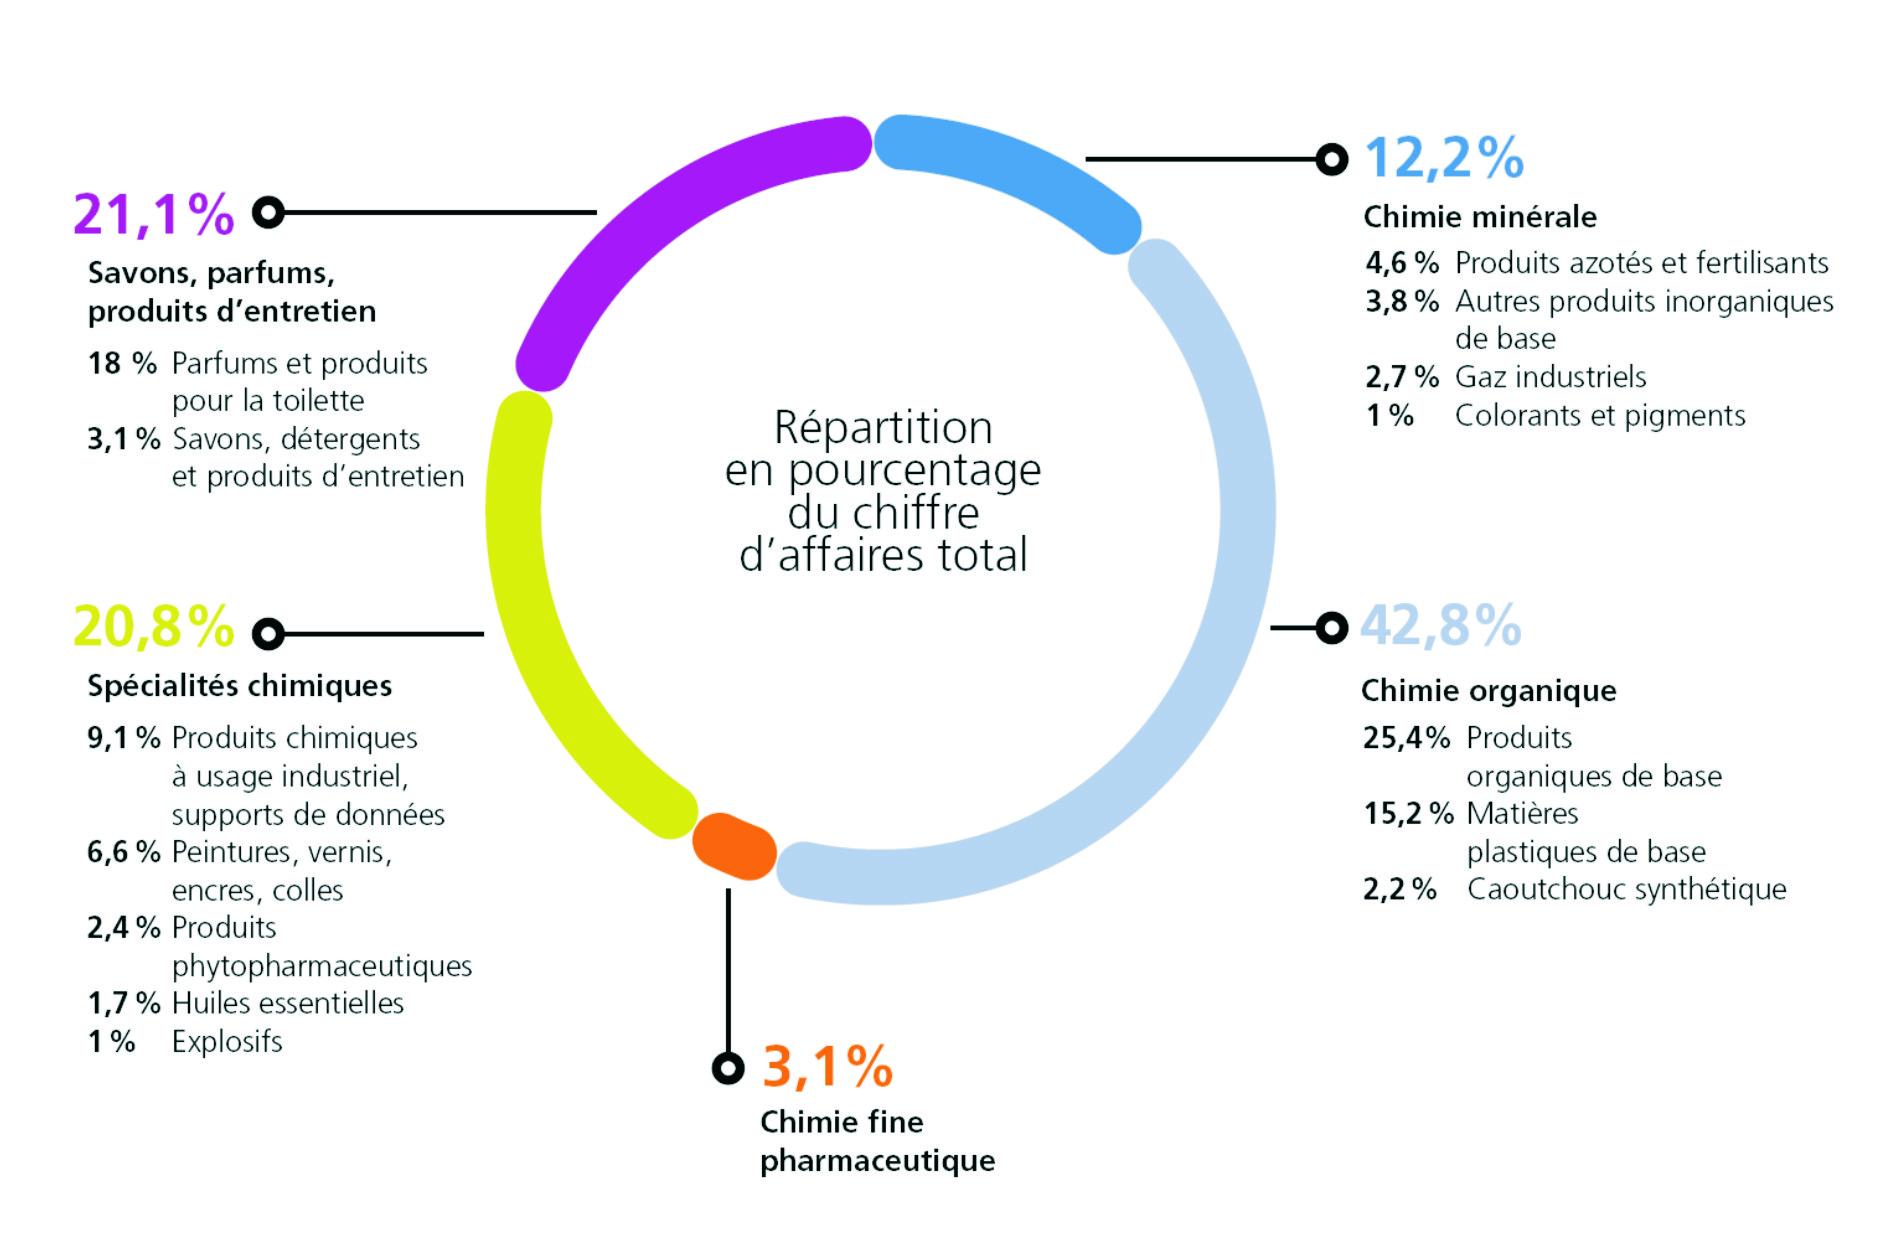 Industrie Du Meuble En France Of La Chimie Chiffr E Bases De La Chimie Pour L 39 Environnement